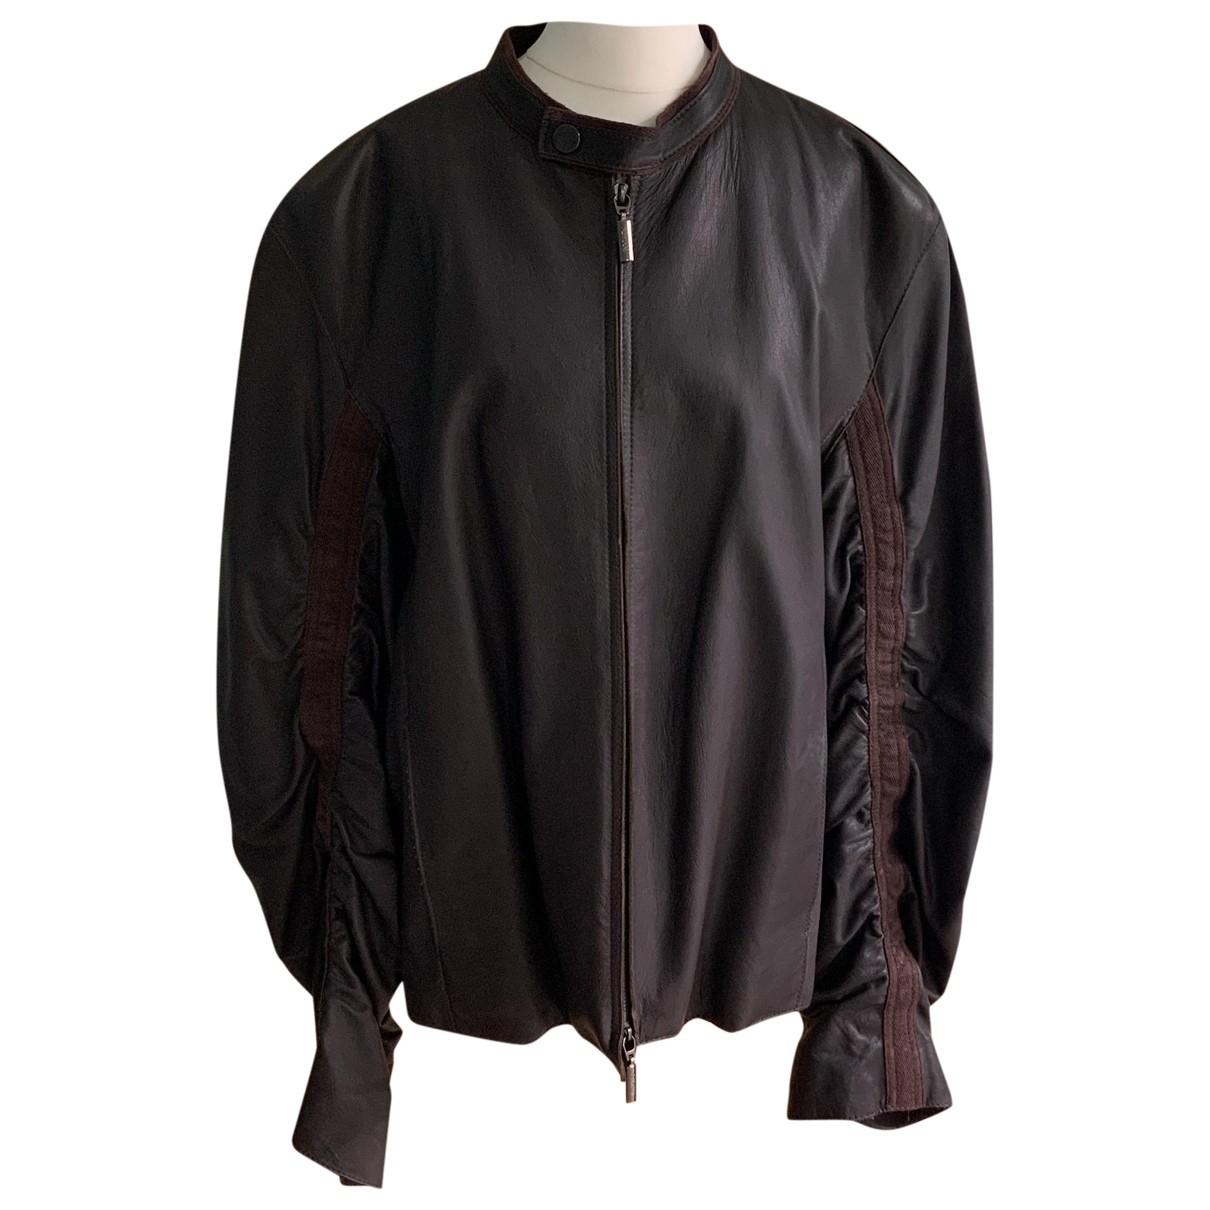 Armani Collezioni - Vestes.Blousons   pour homme en cuir - marron